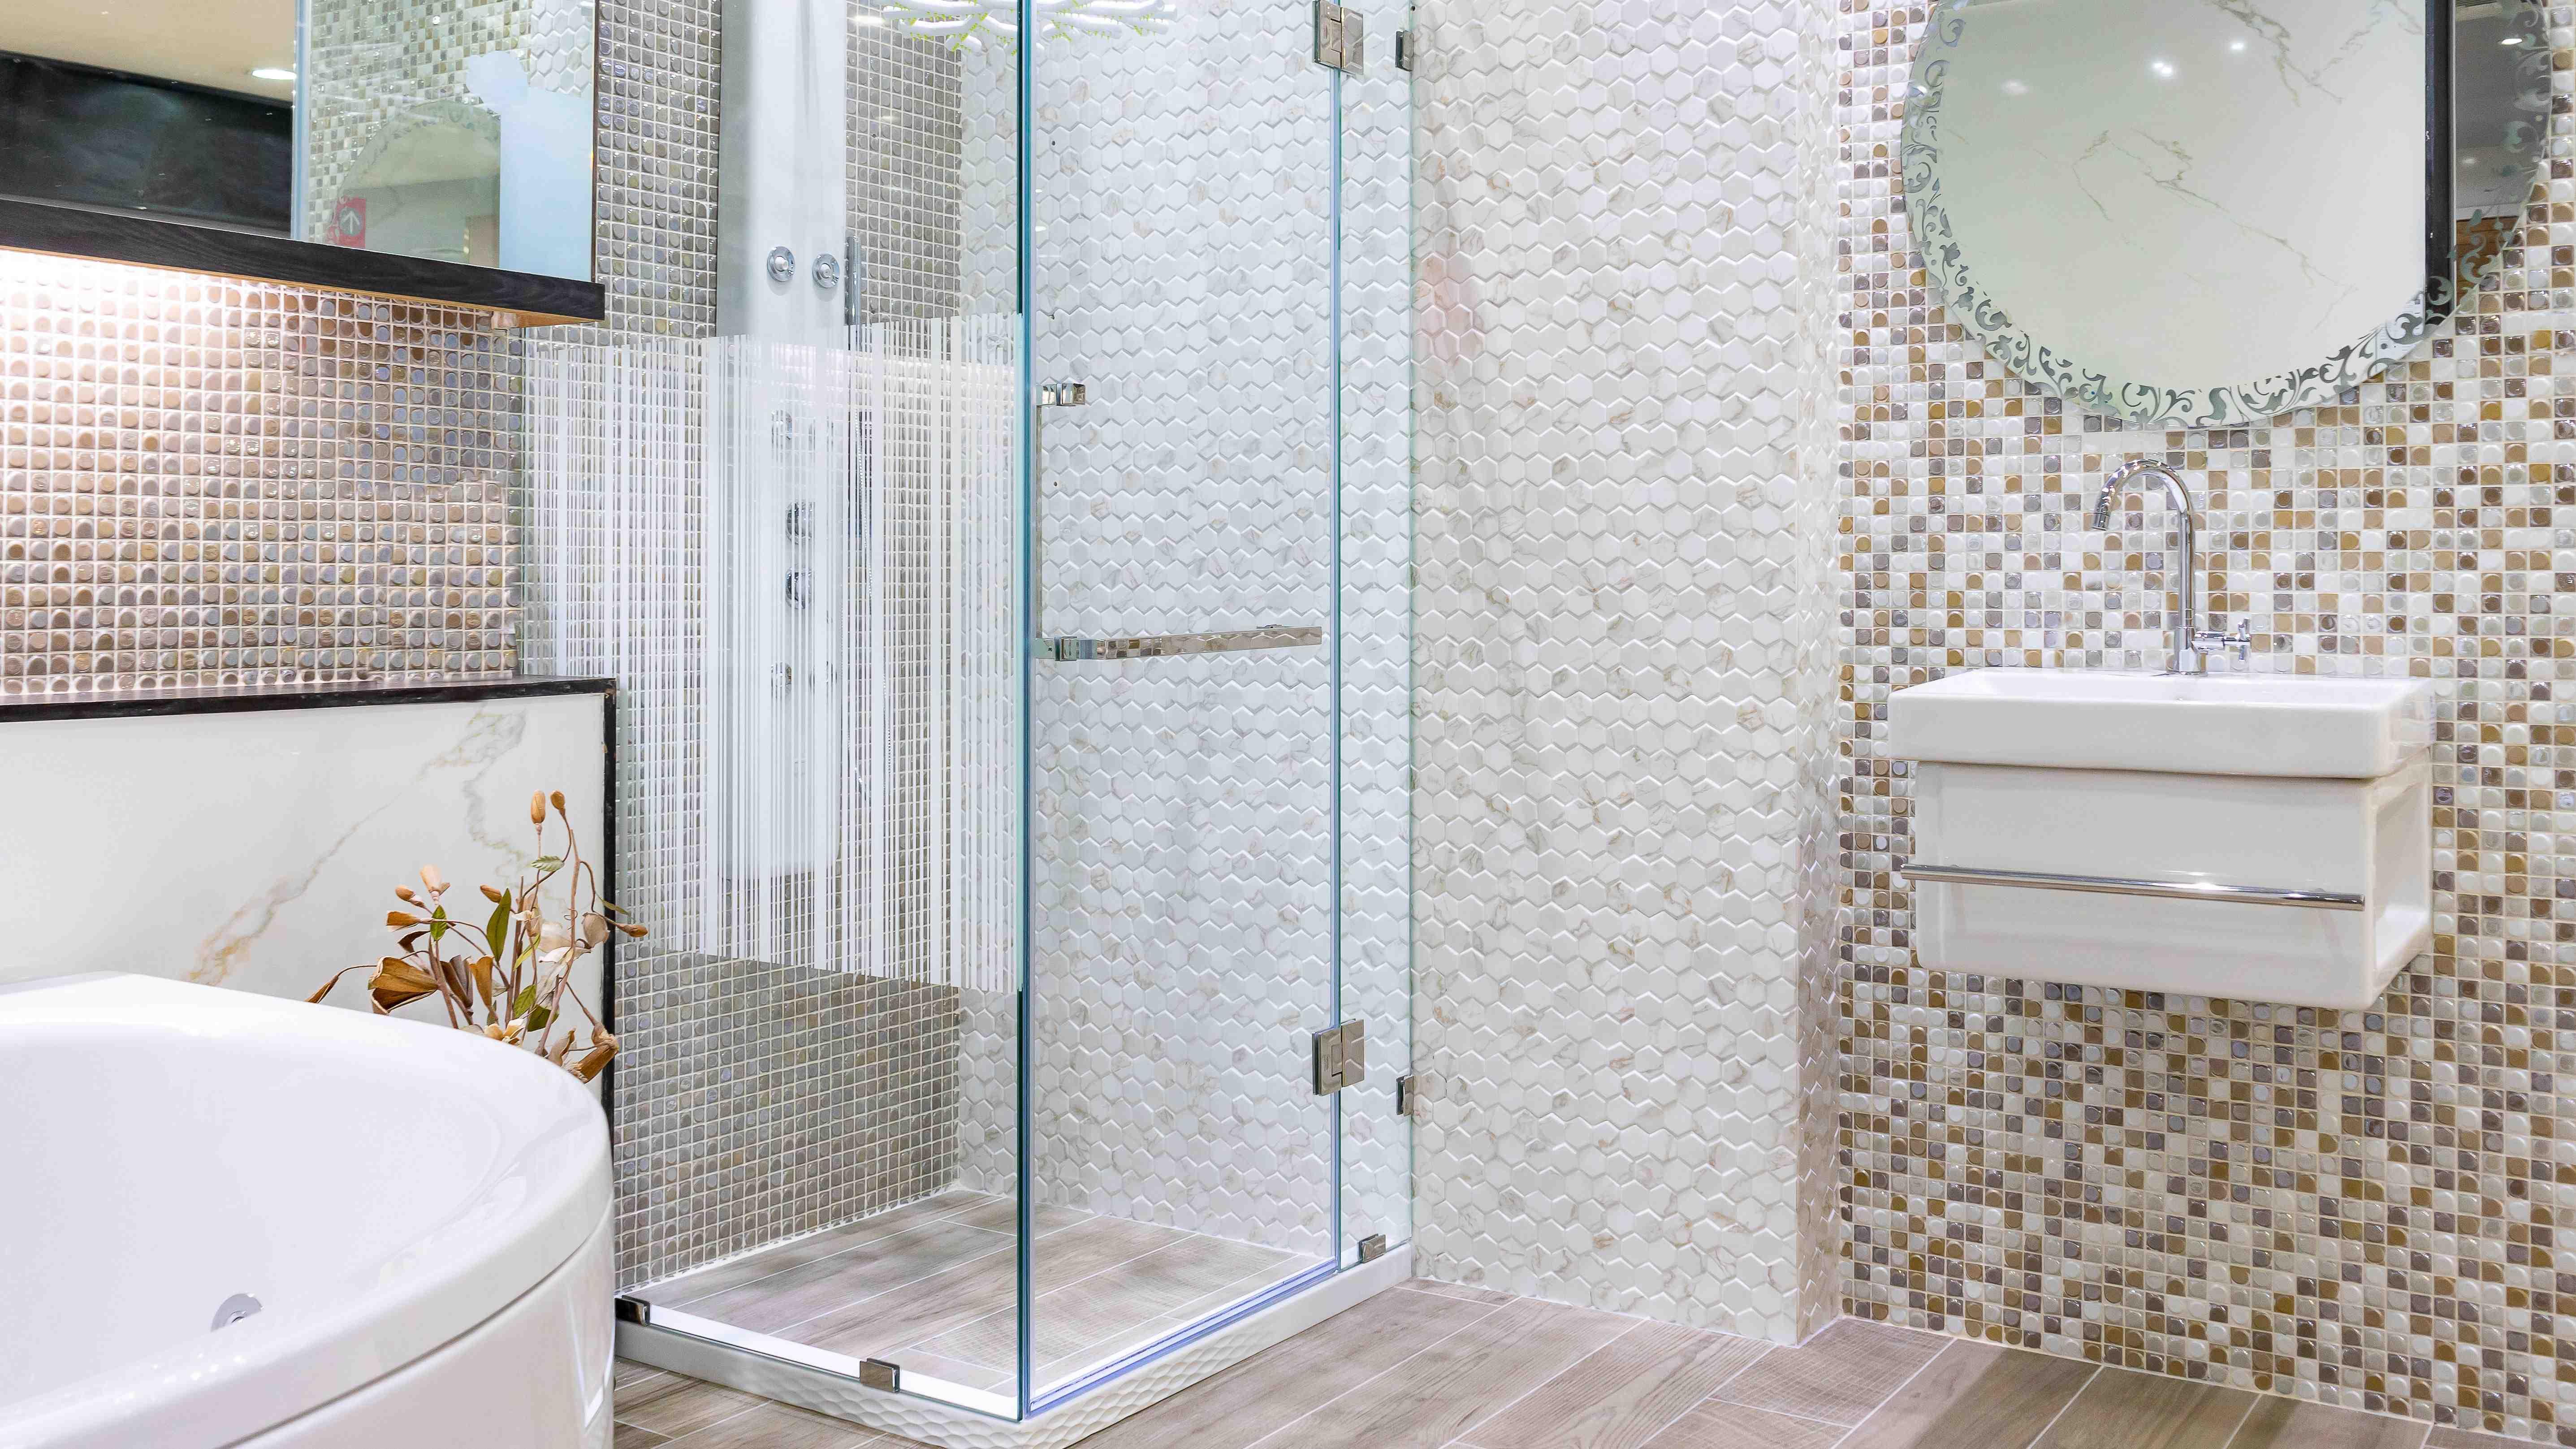 Ihr Einkaufsguide für Ihre Tür und Duschwand